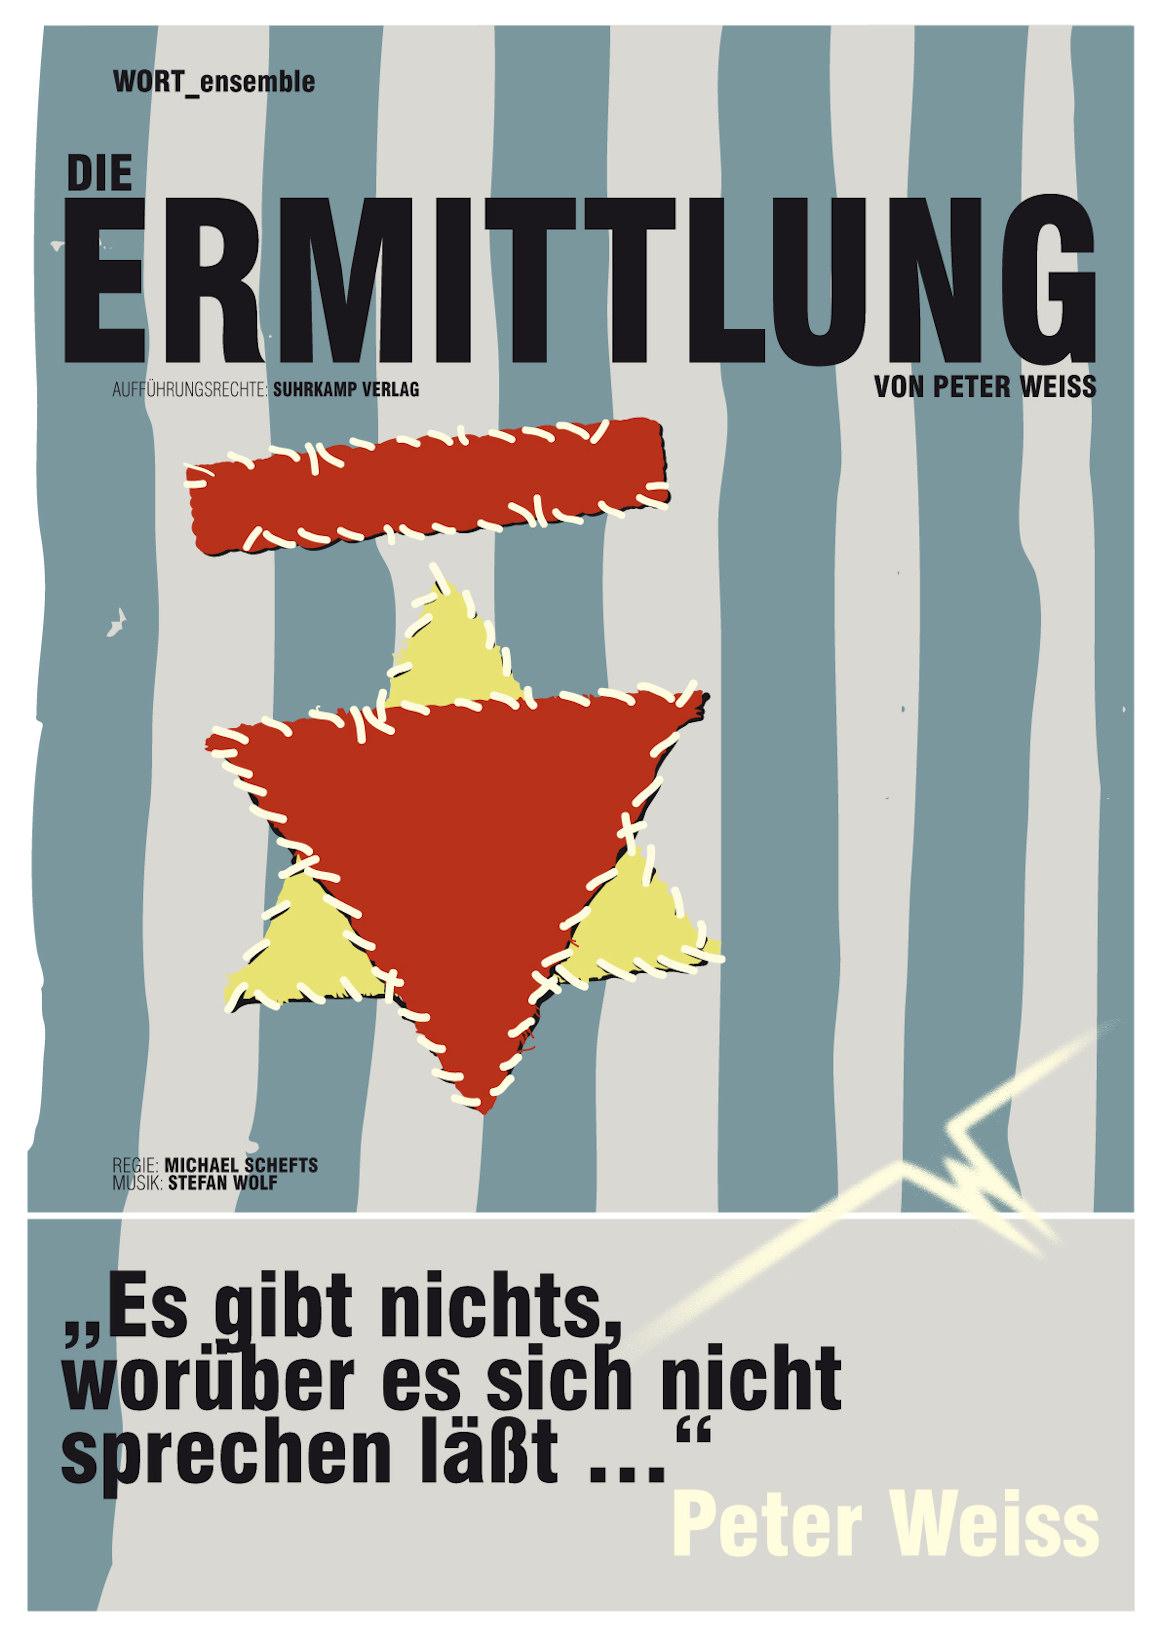 """Das Aushangplakat zu Peter Weiss """"Die Ermittlung"""""""